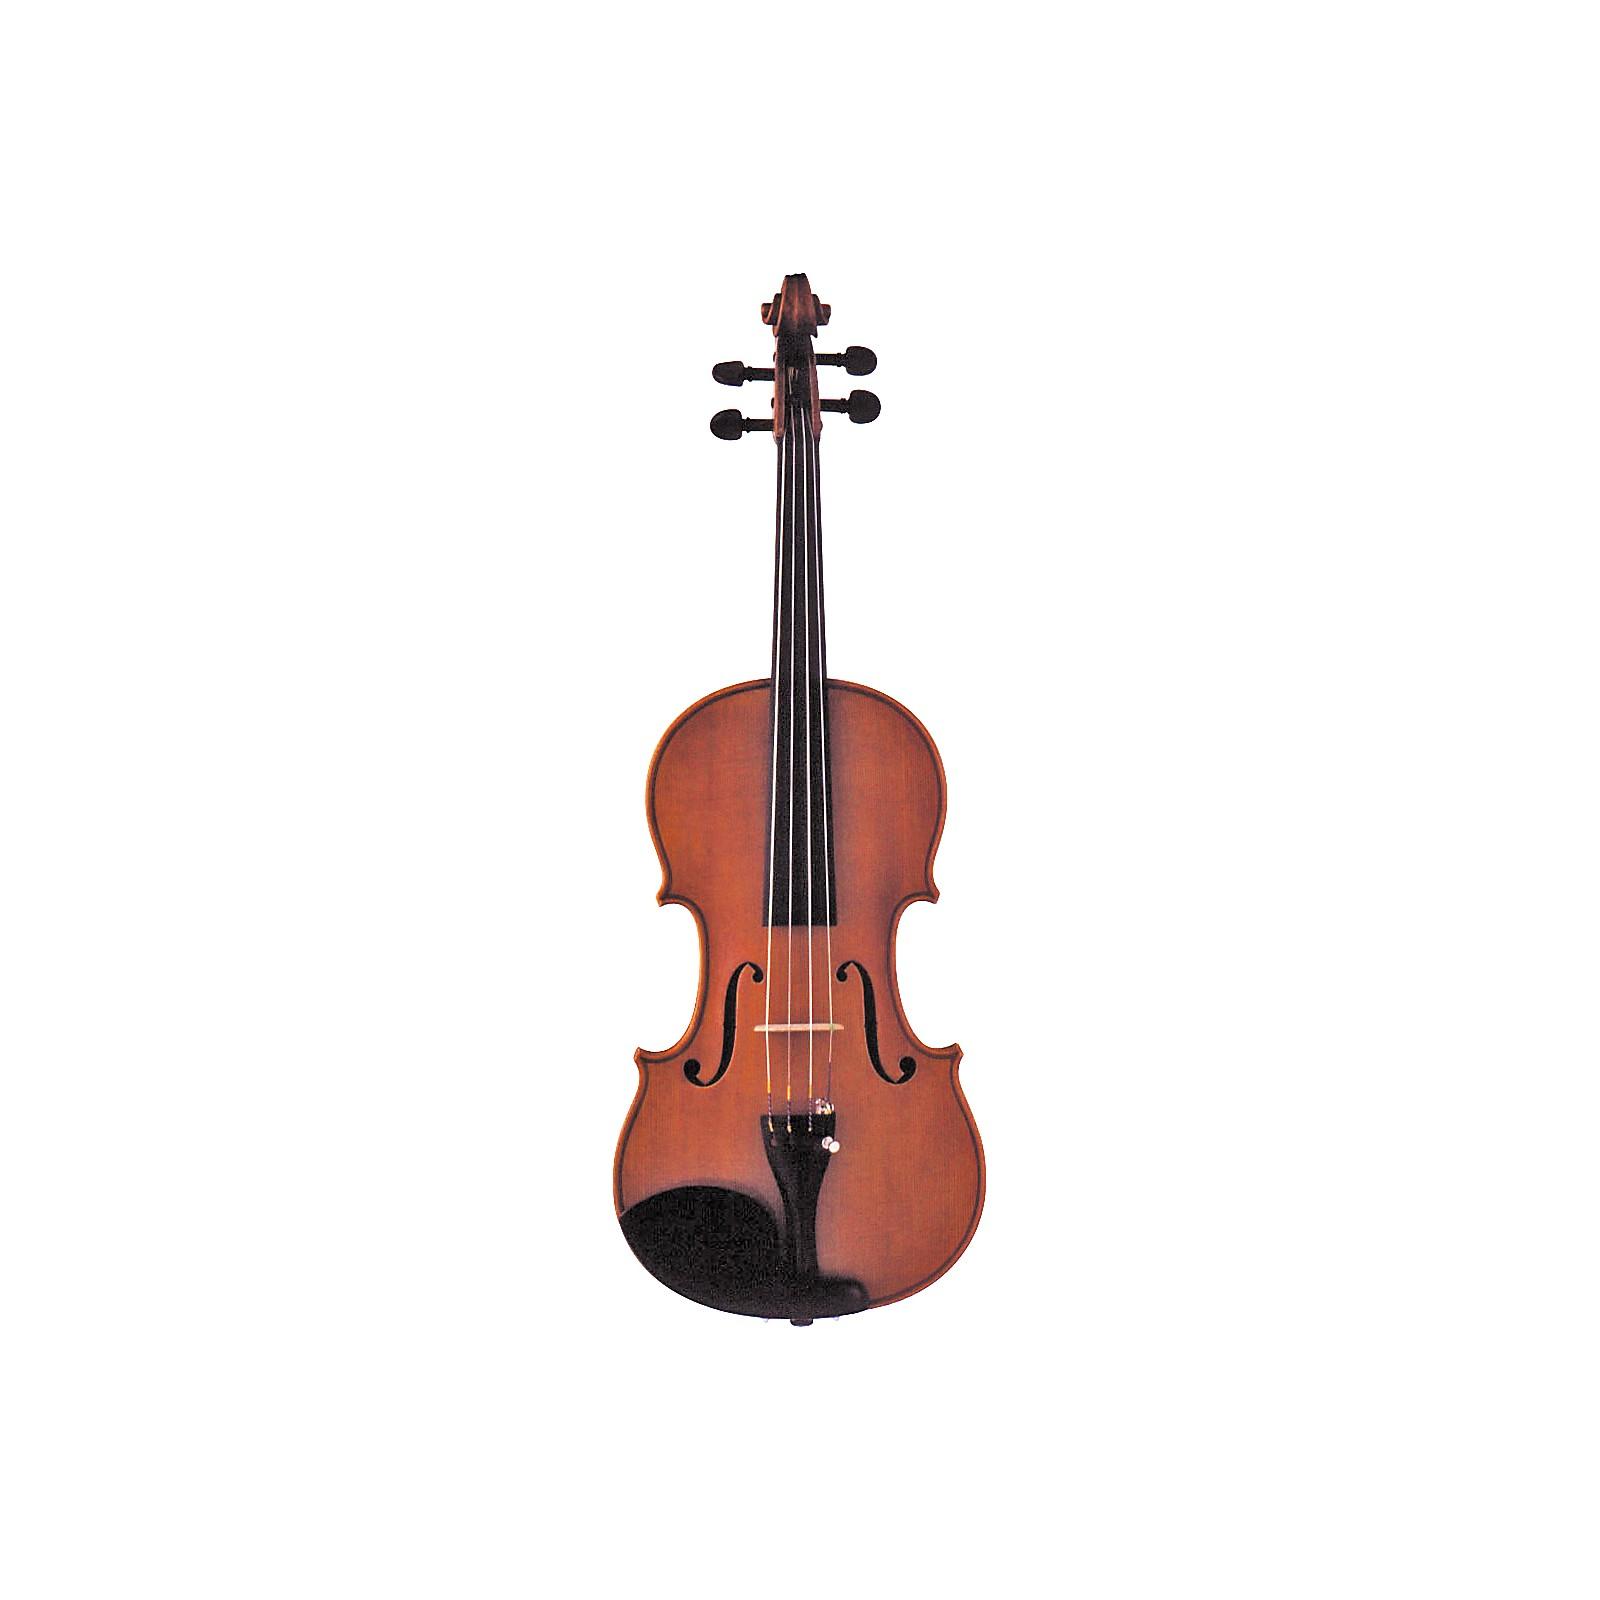 Yamaha Intermediate Model AV10 violin